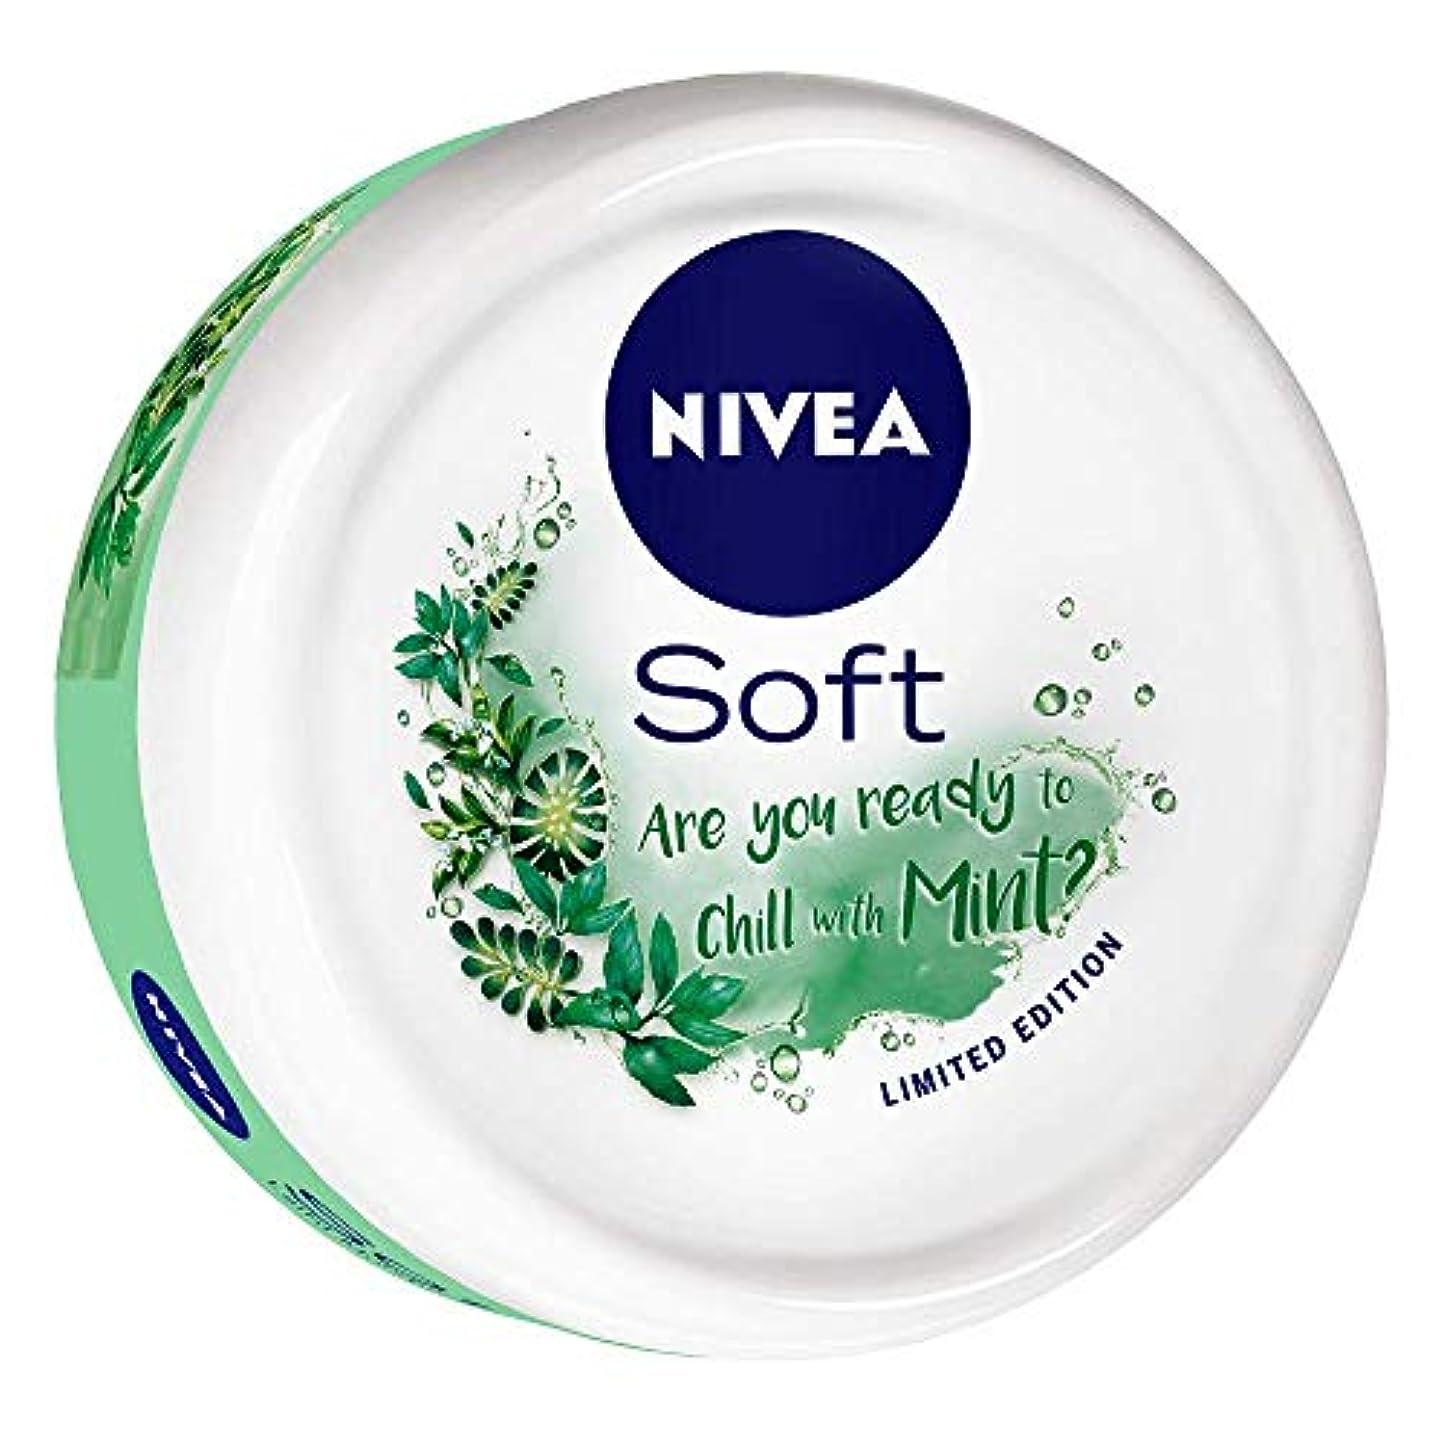 リス意味のある雇用者NIVEA Soft Light Moisturizer Chilled Mint With Vitamin E & Jojoba Oil, 200 ml